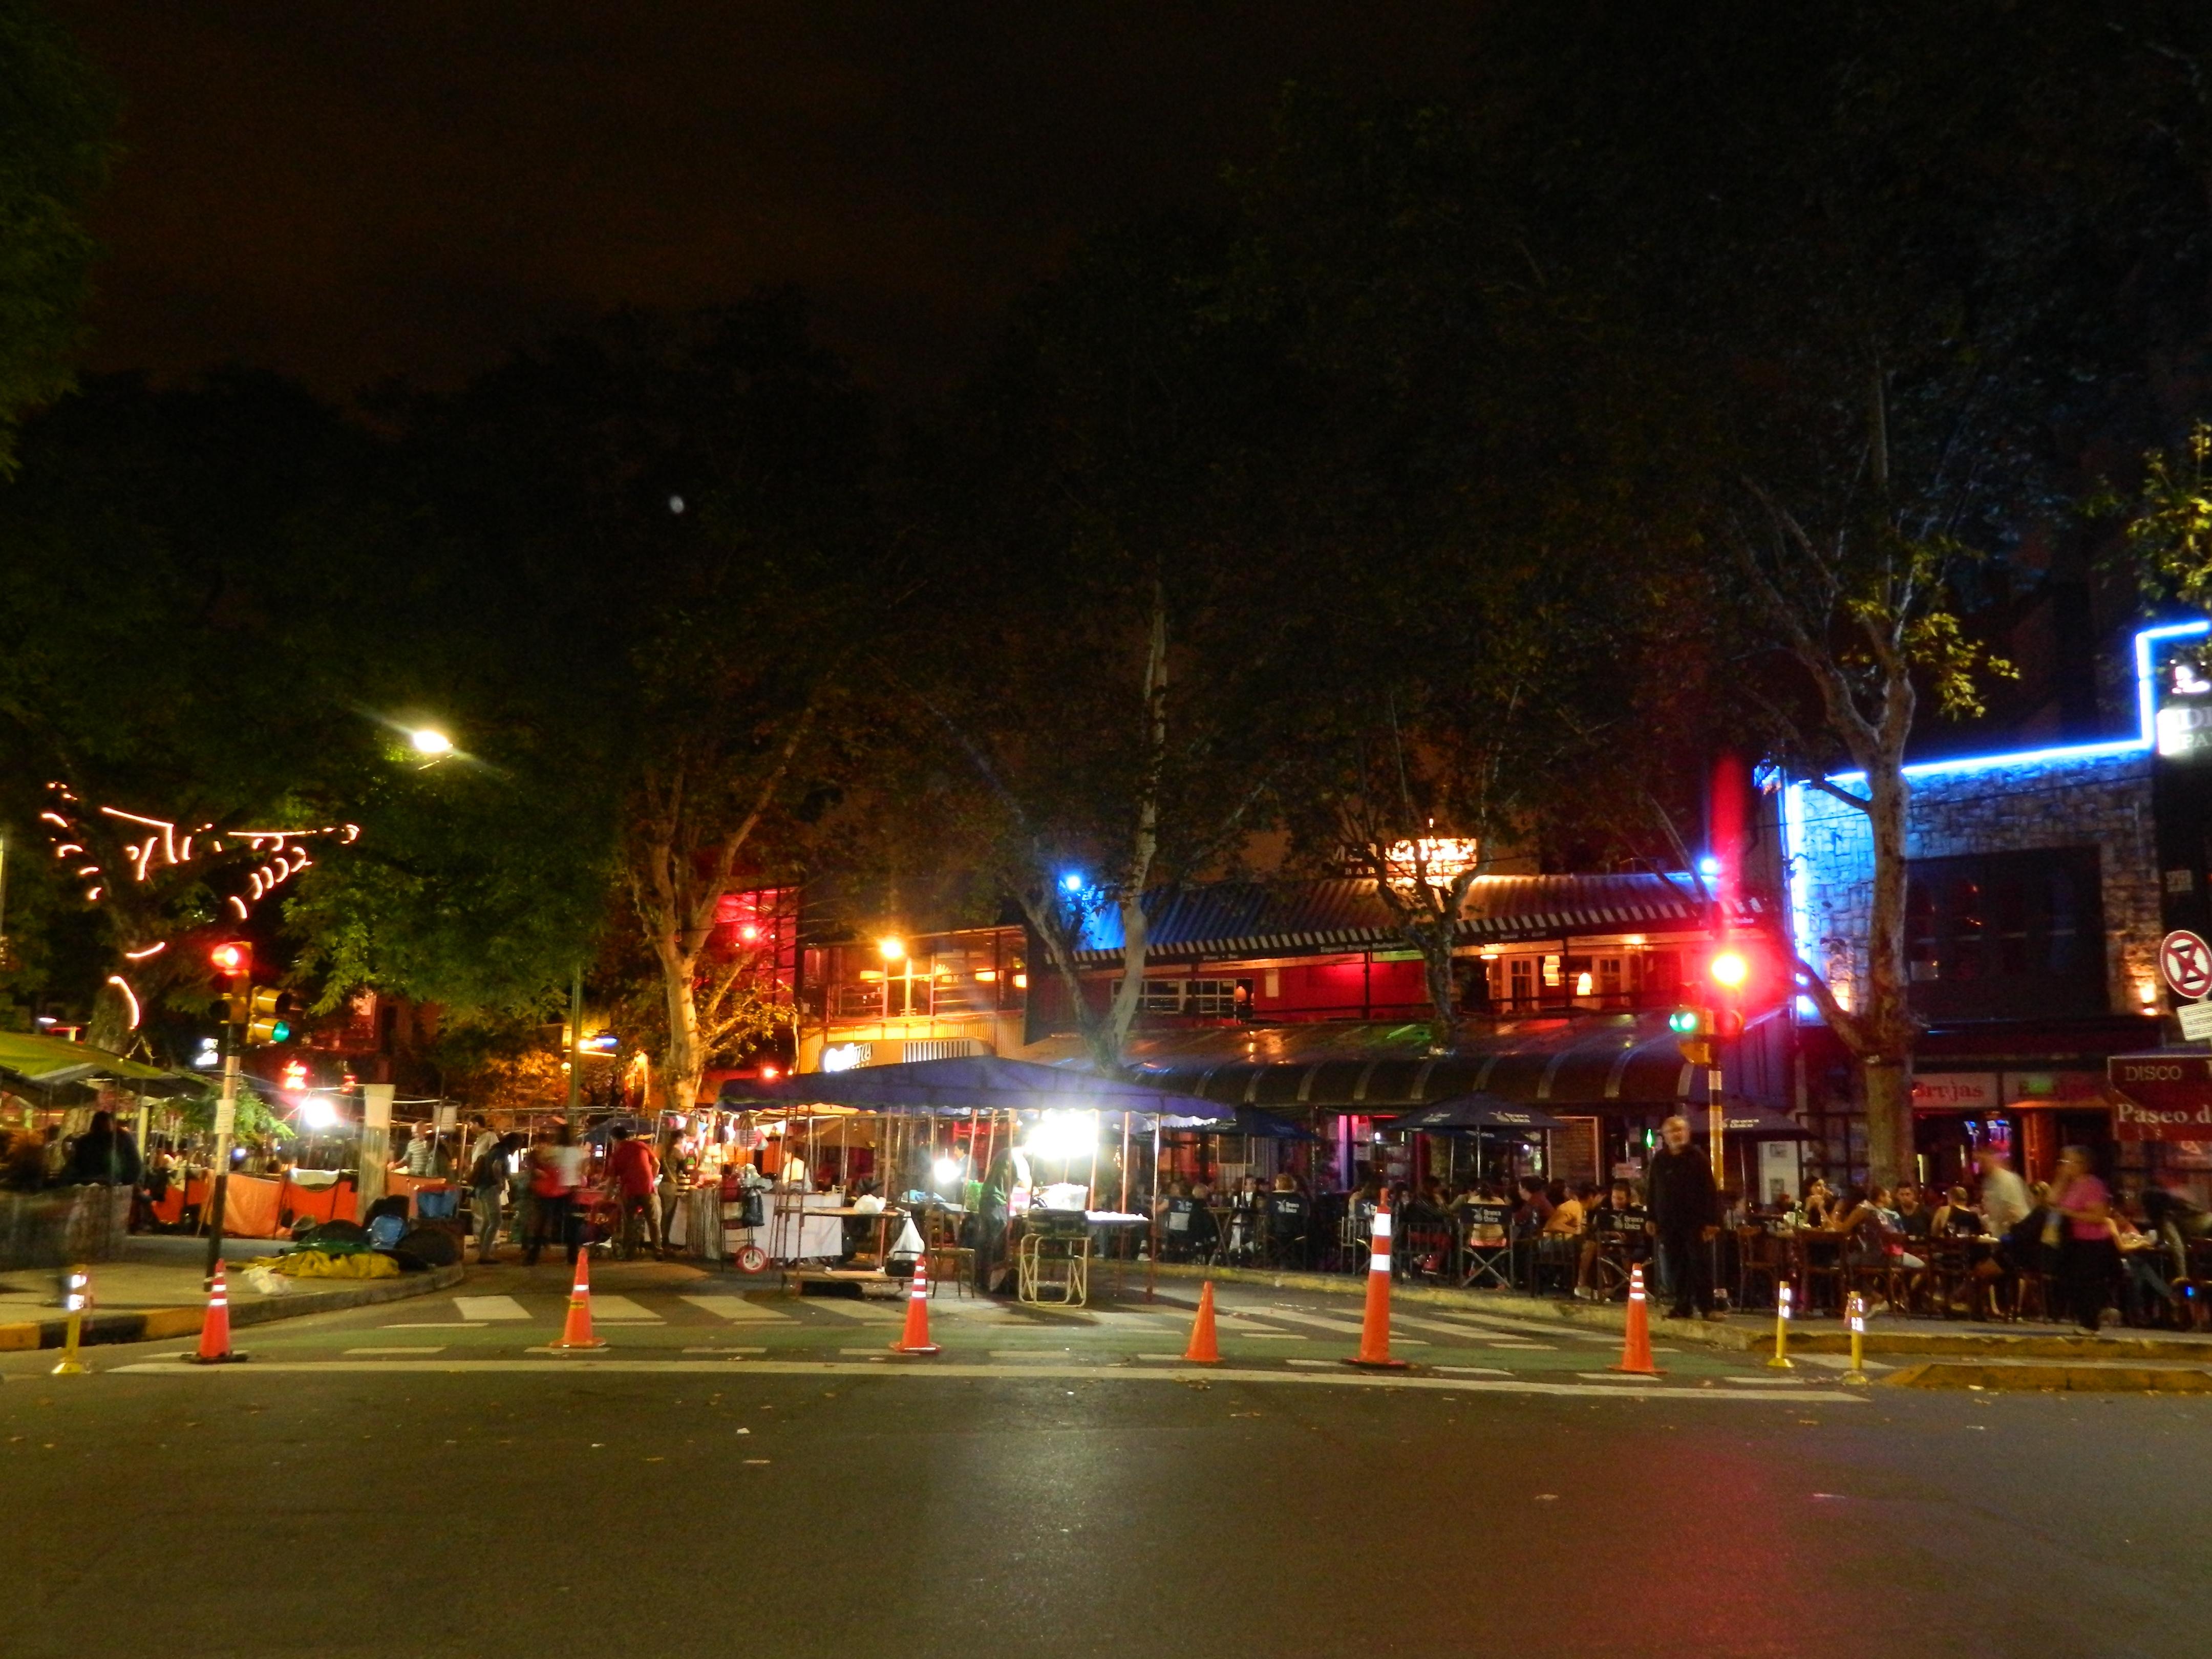 Plaza Serrano en Palermo de Noche